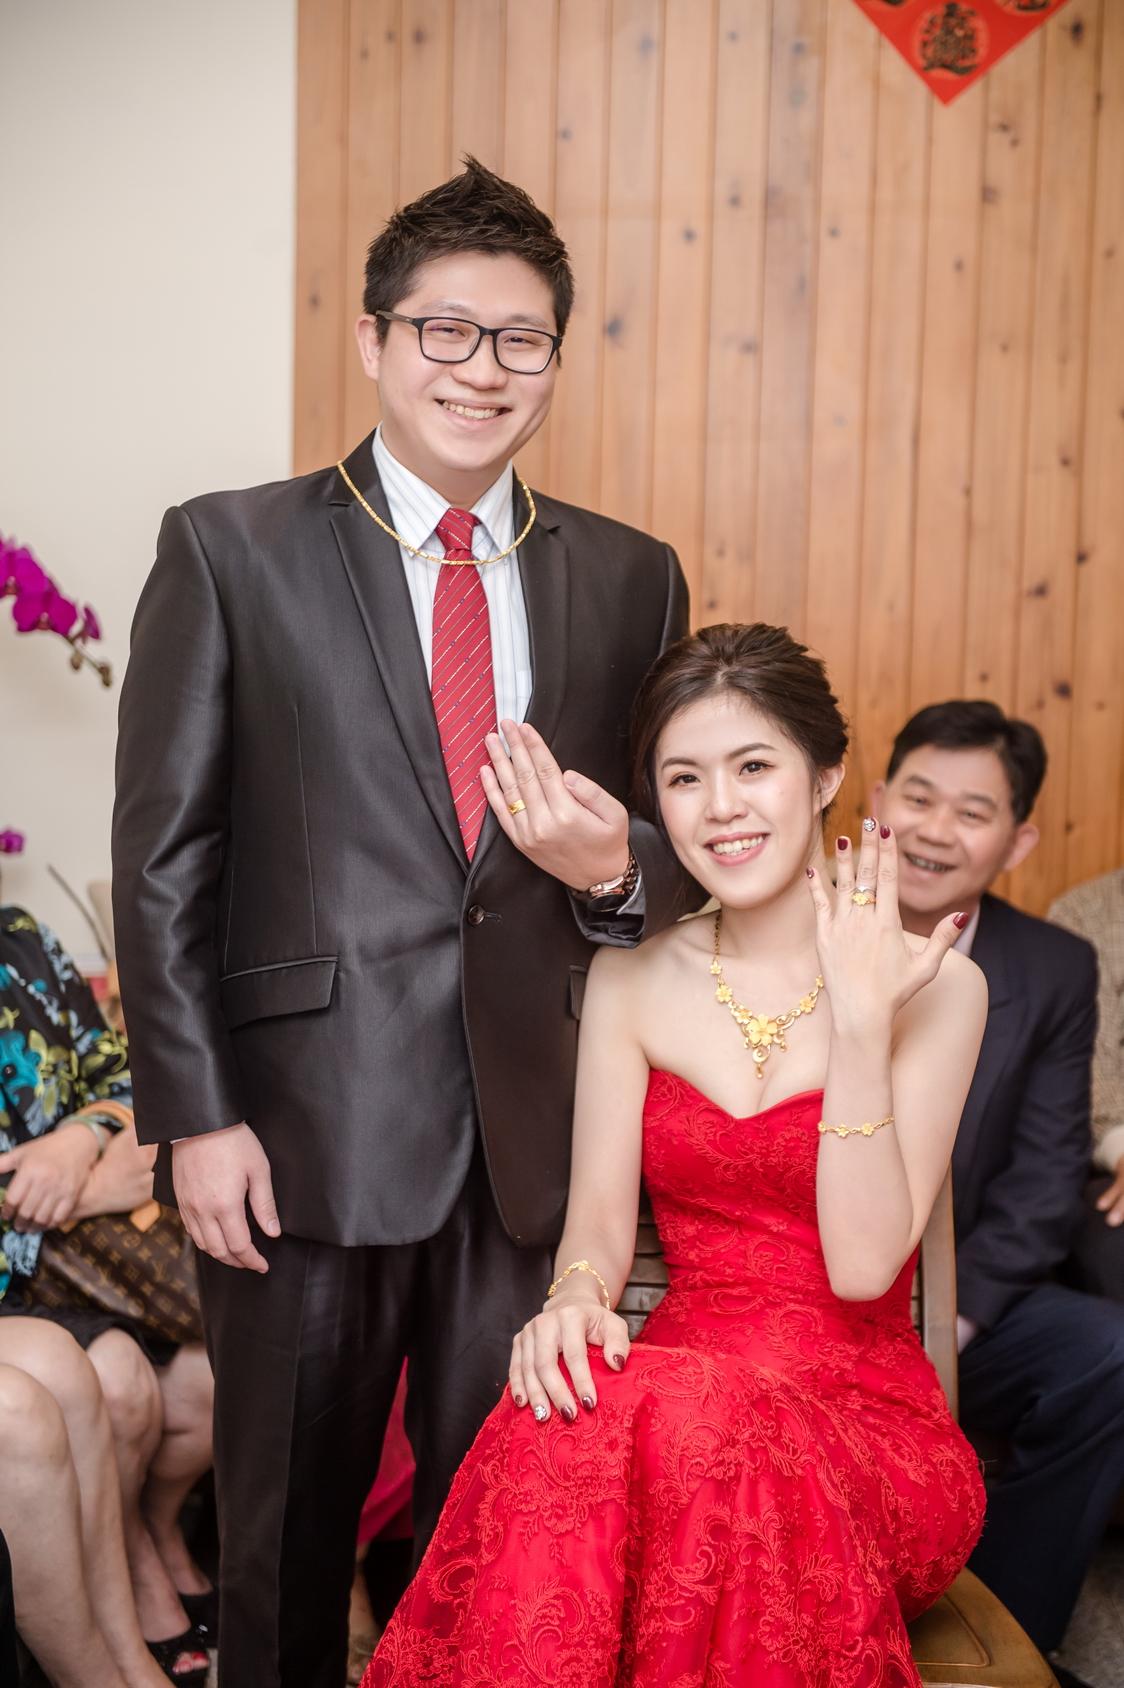 【比堤婚紗.結婚.婚禮紀錄】勝豪 ♥ 麗莎_23